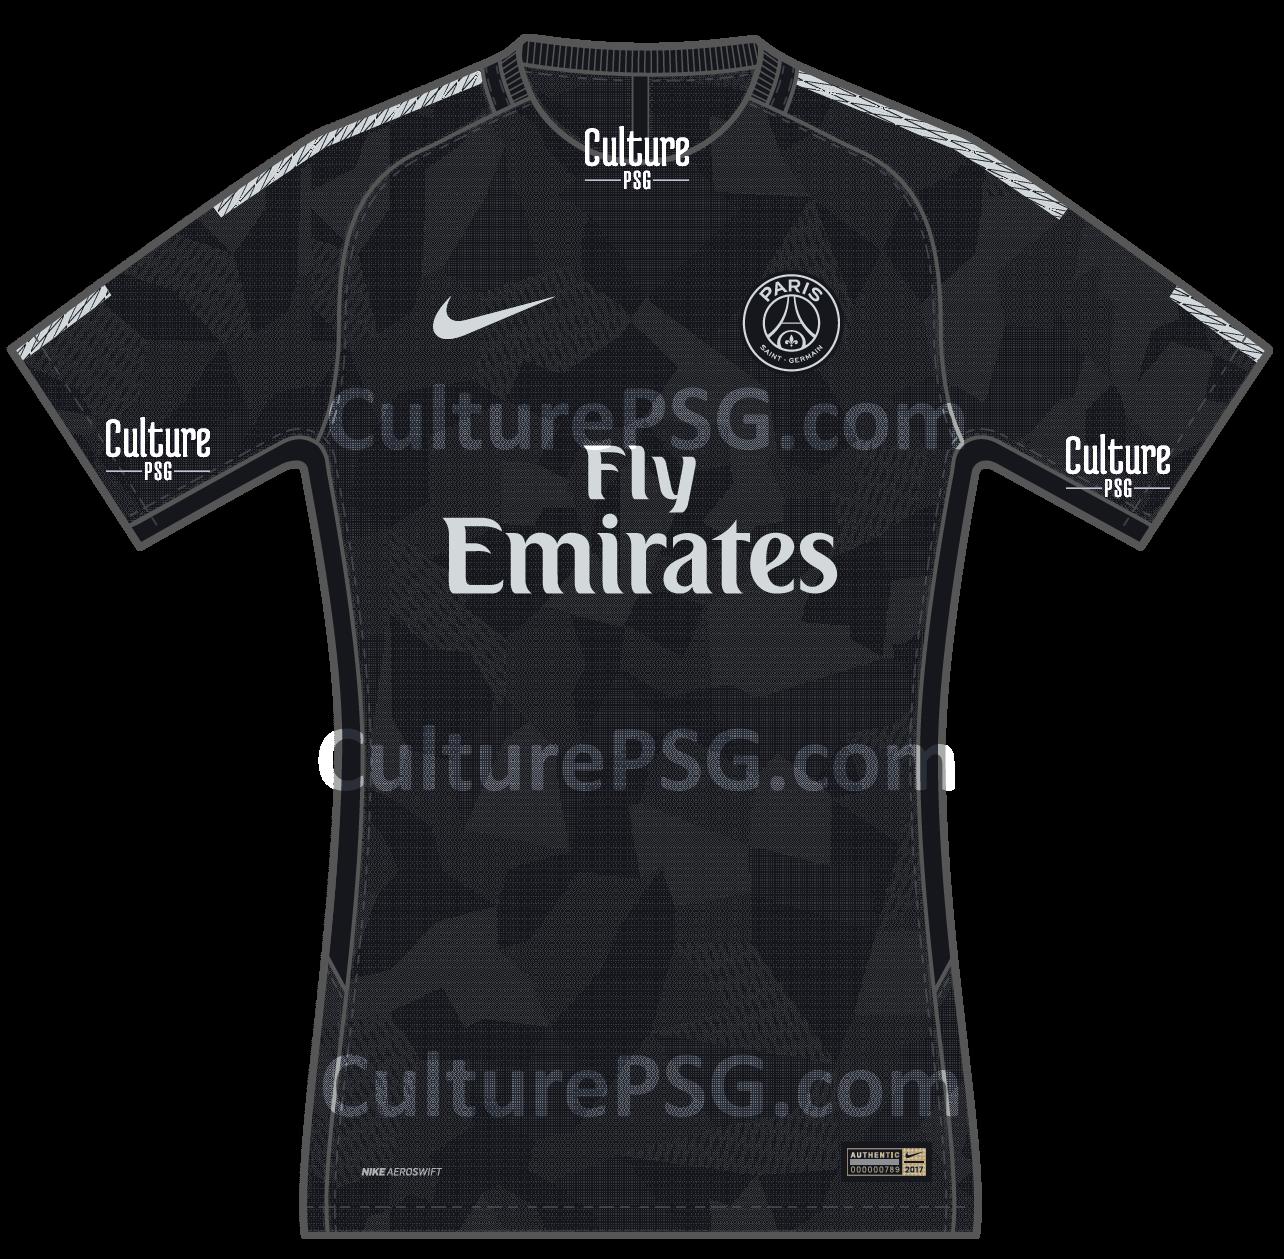 Très Club : Le maillot Europe 2017/2018 du PSG fuite aussi | CulturePSG OQ23